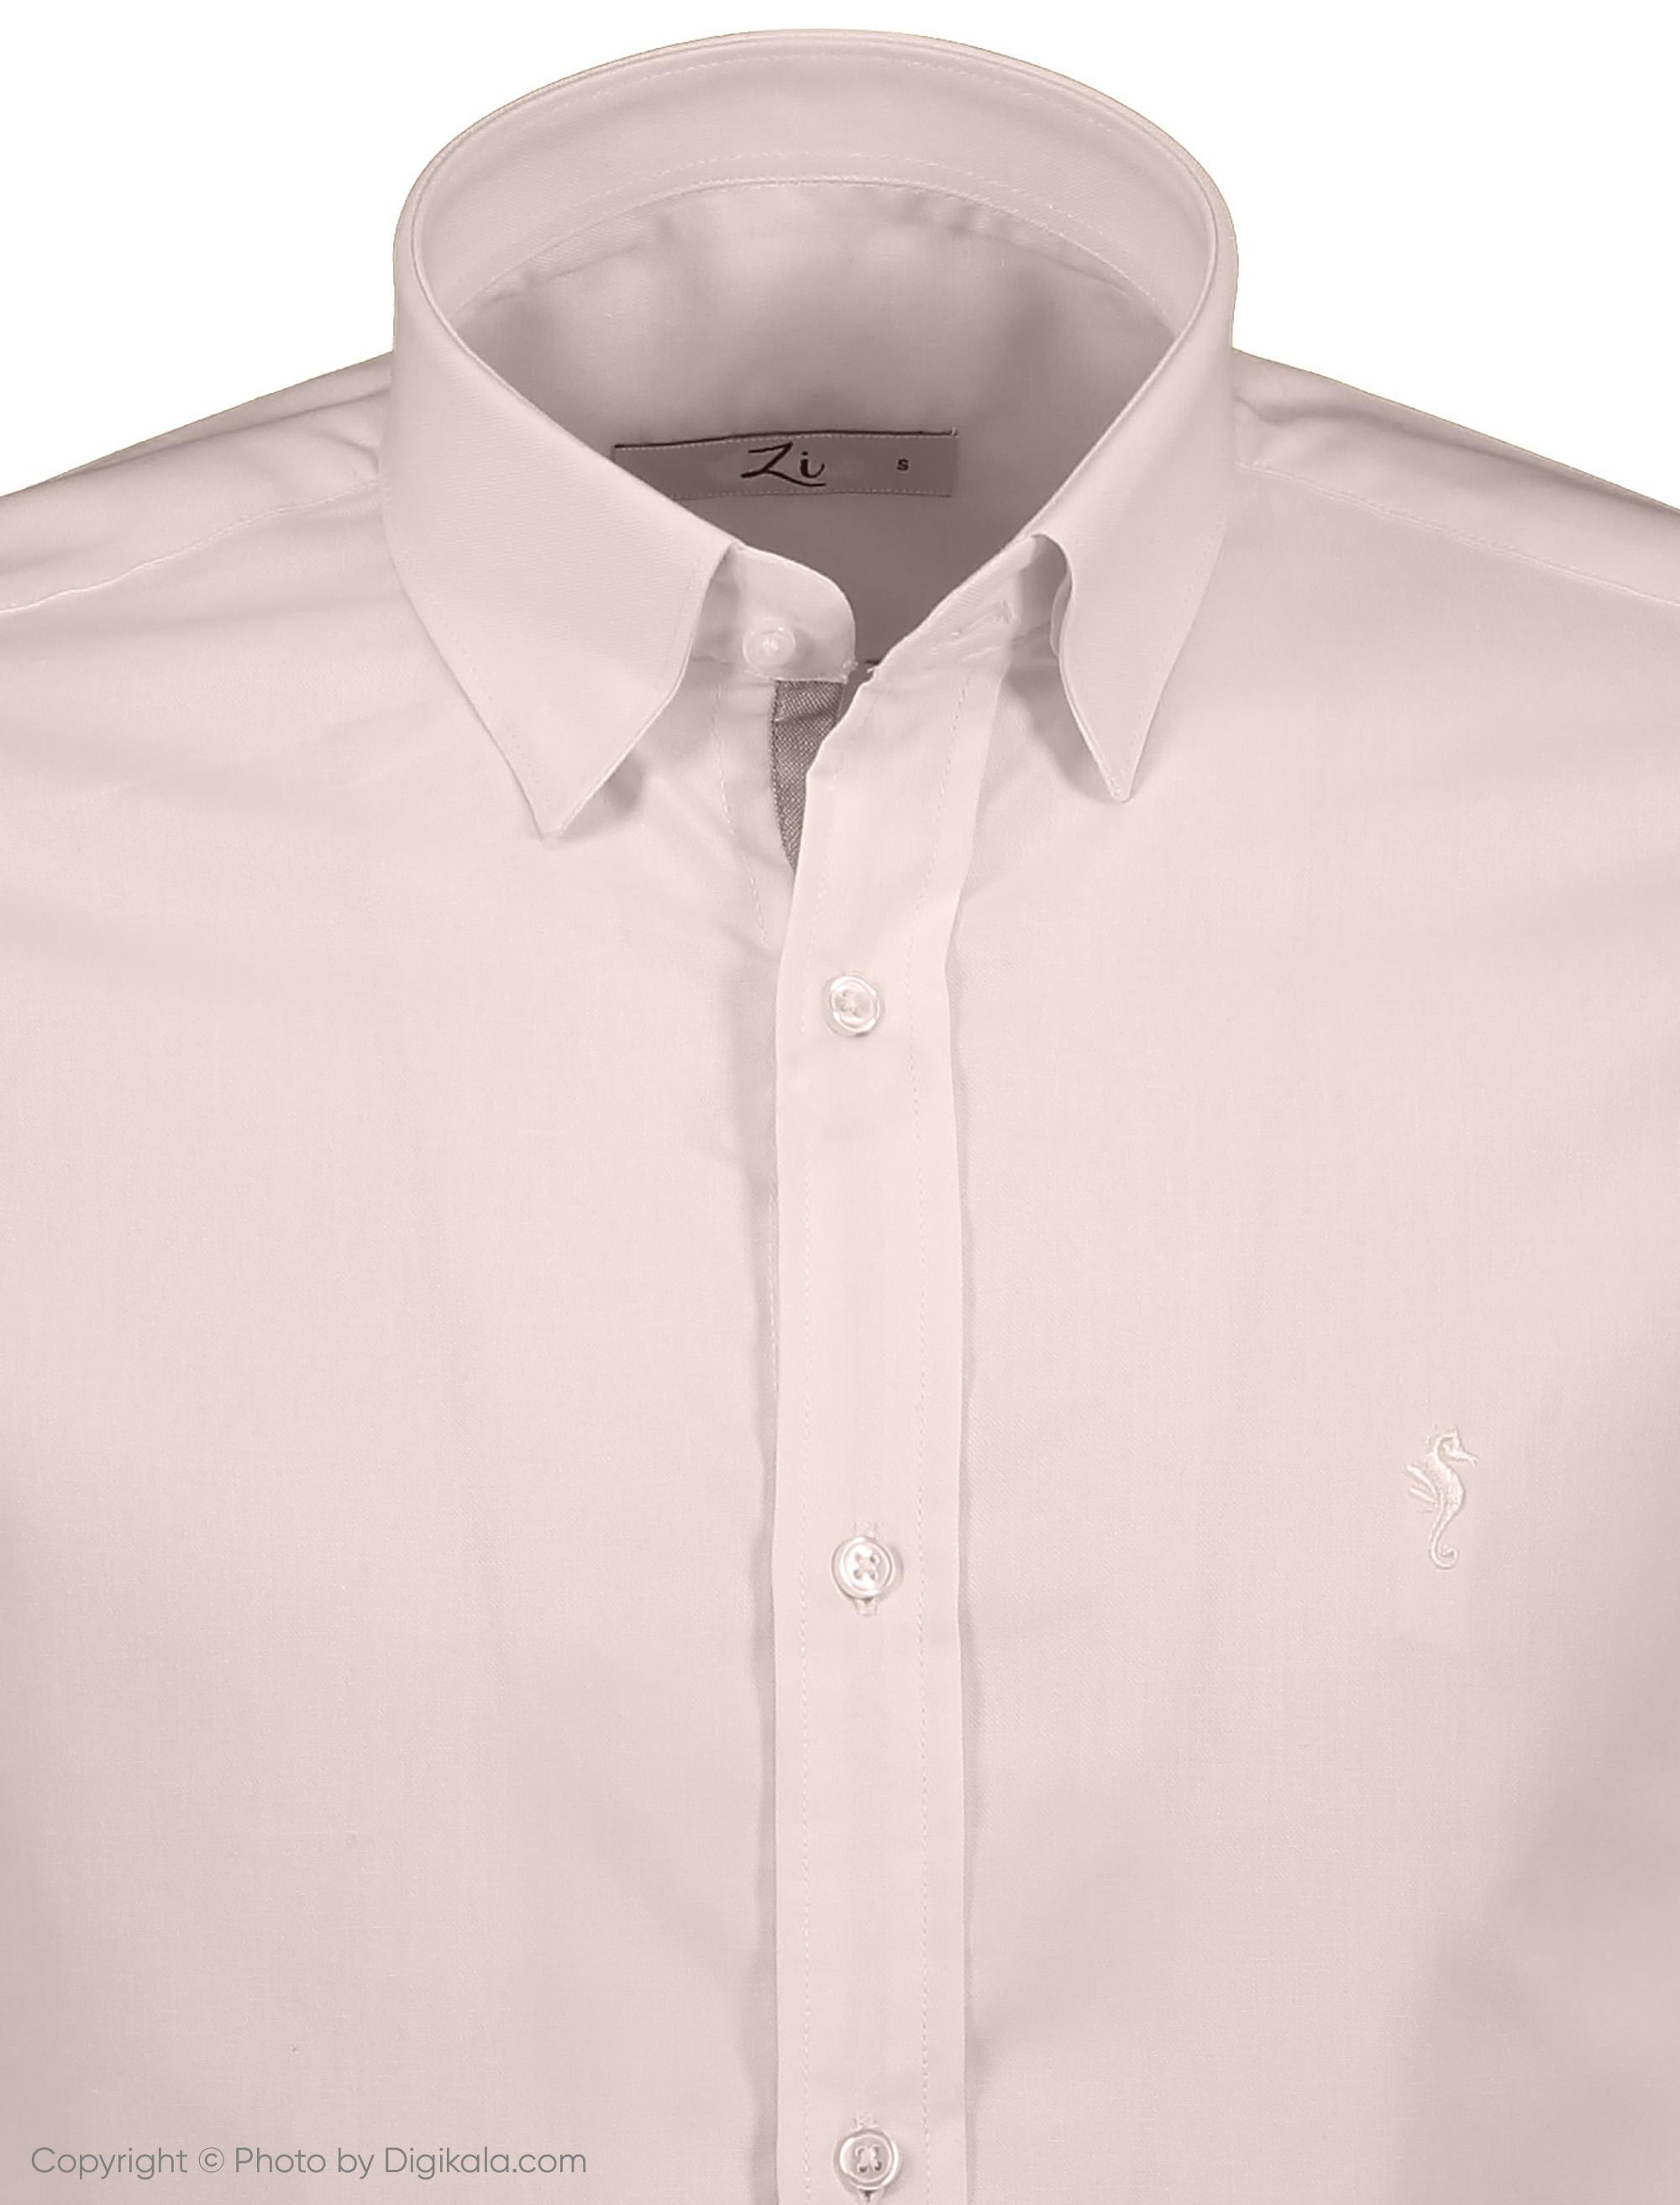 پیراهن مردانه زی مدل 1531124-84